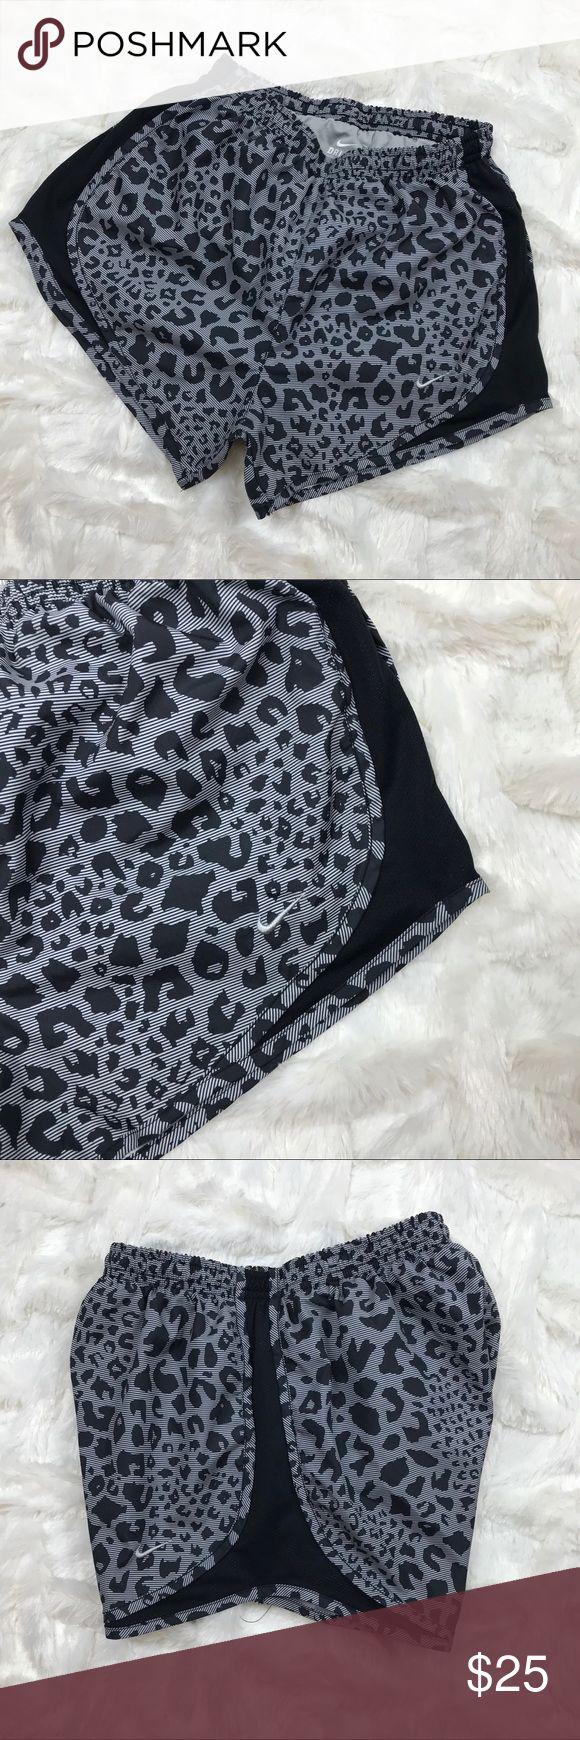 Nike • Leopard Print Workout Shorts PreLoved • mesh at sides, pocket at back right side for keys, money, etc. Nike Shorts